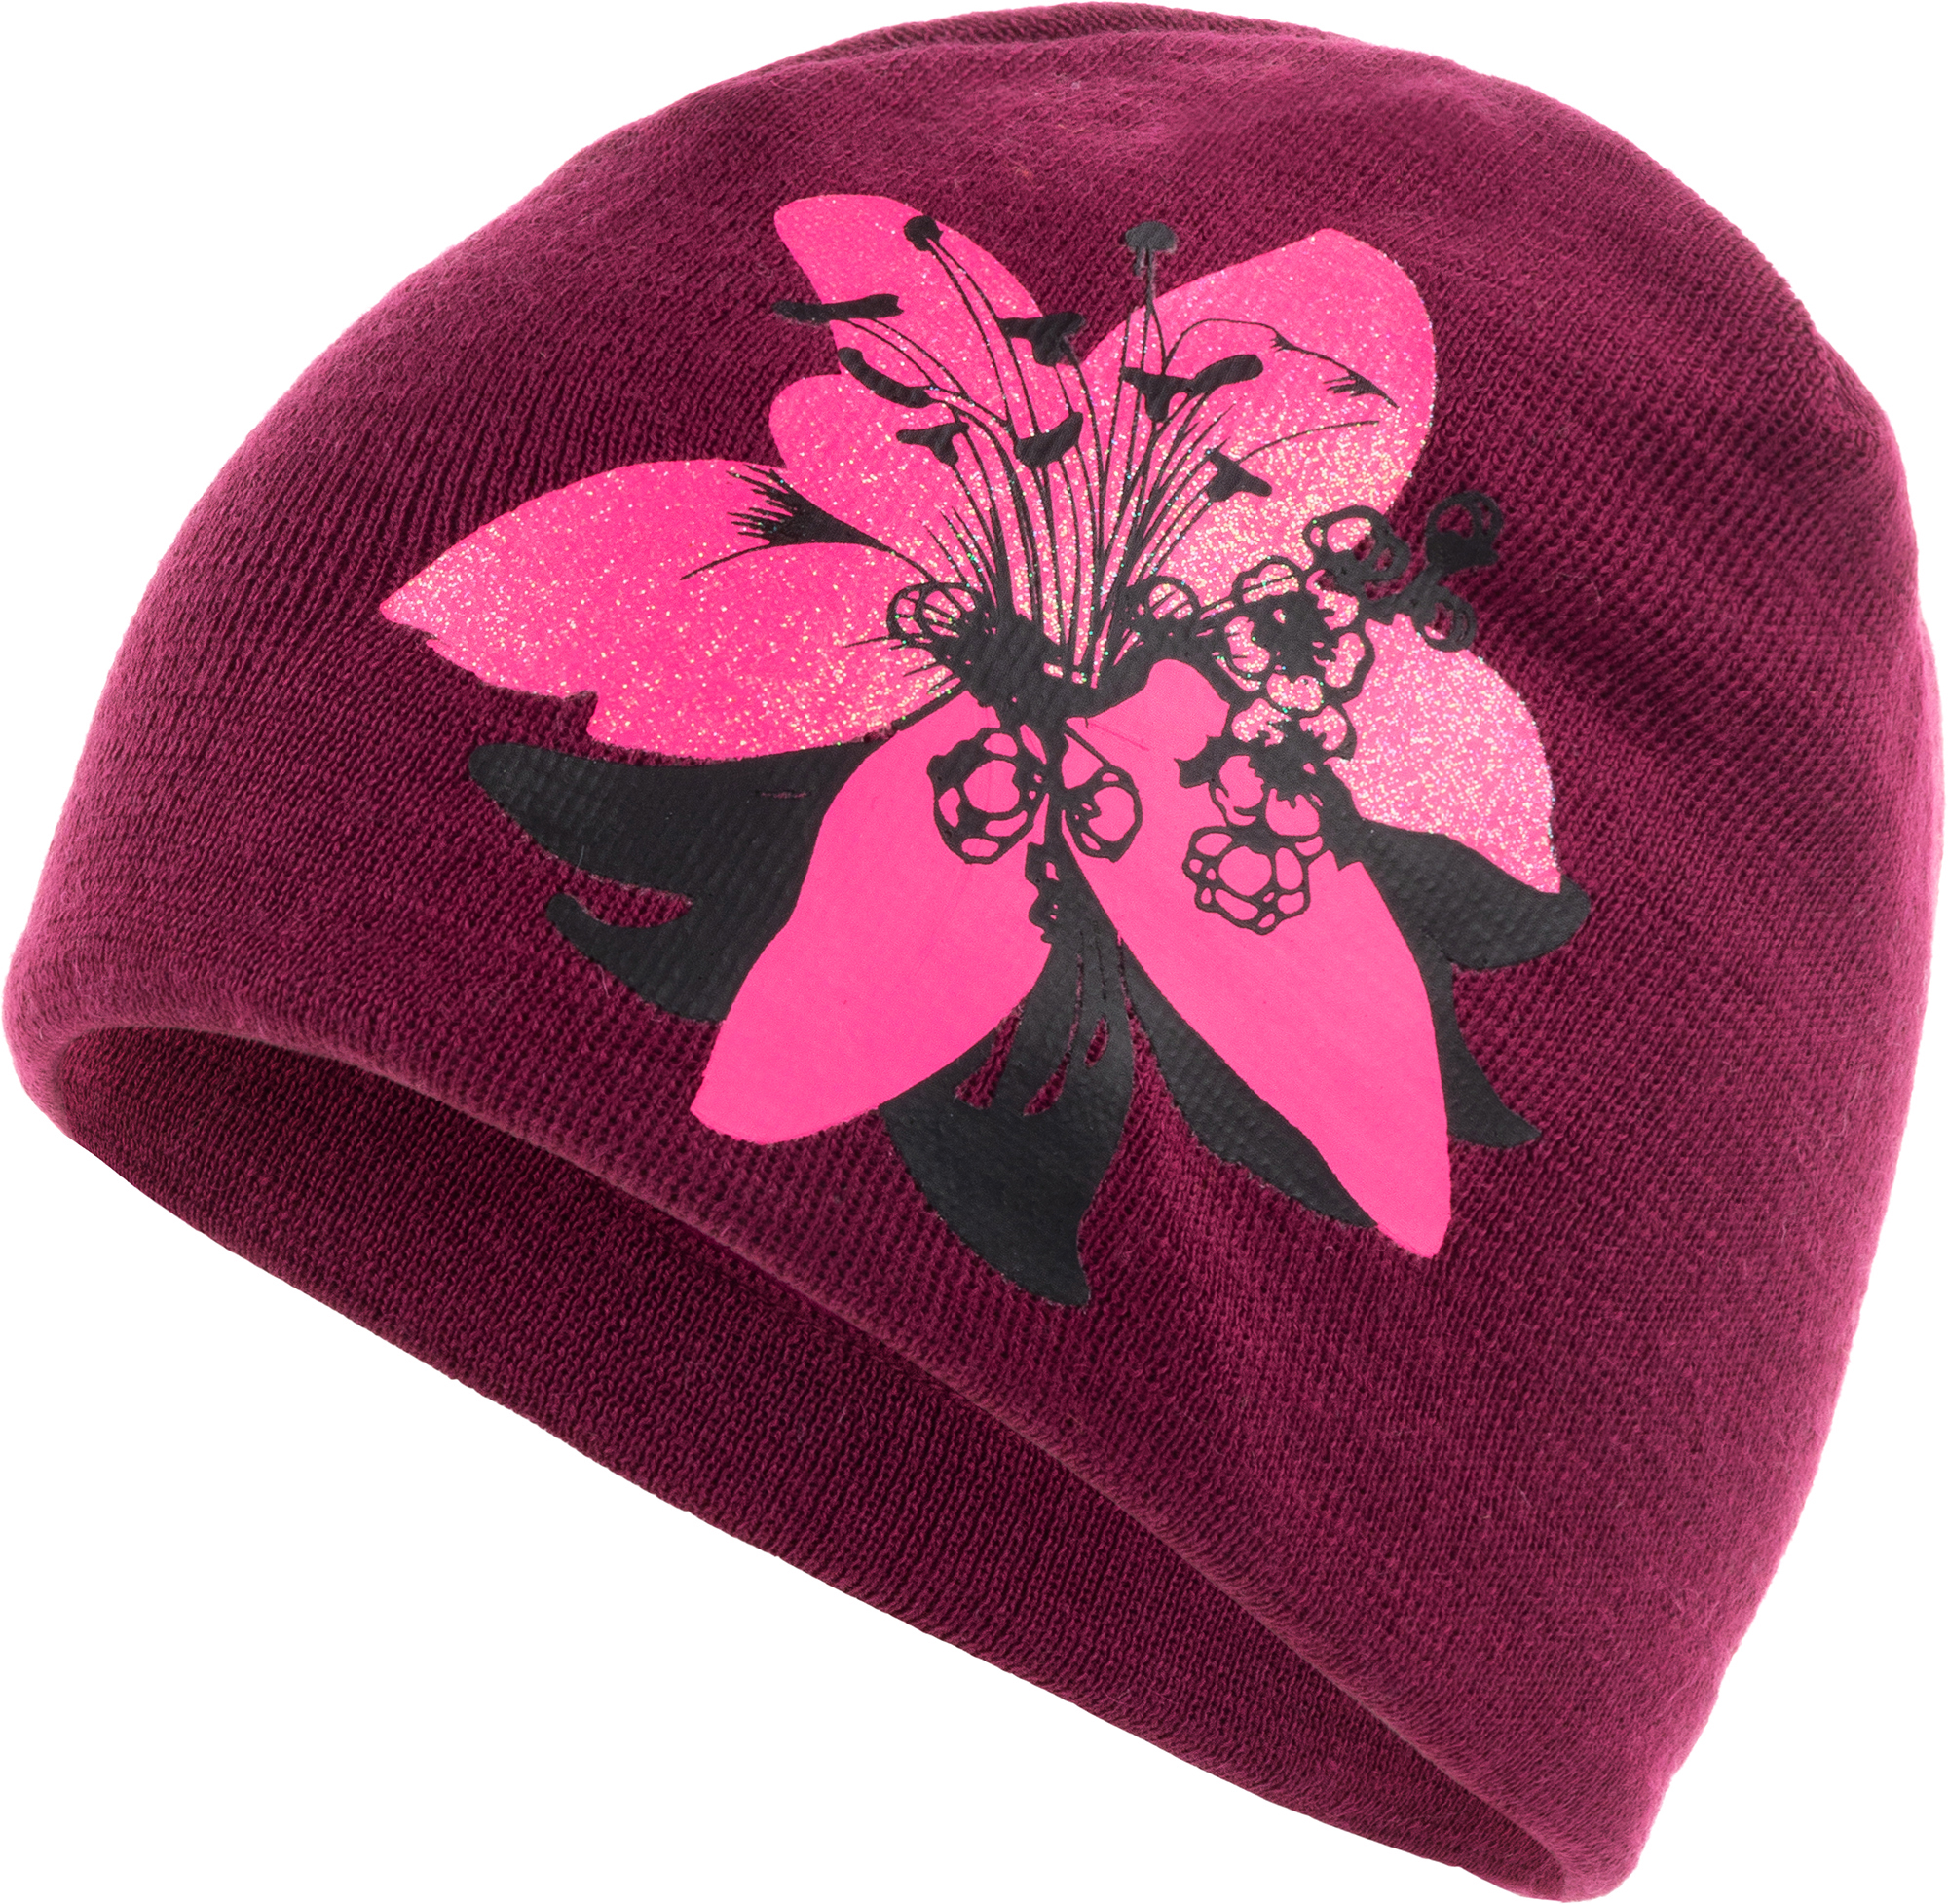 LASSIE Шапка для девочек LASSIE Elliya, размер 54 шапка для девочки lassie цвет розовый 7287185161 размер 50 52